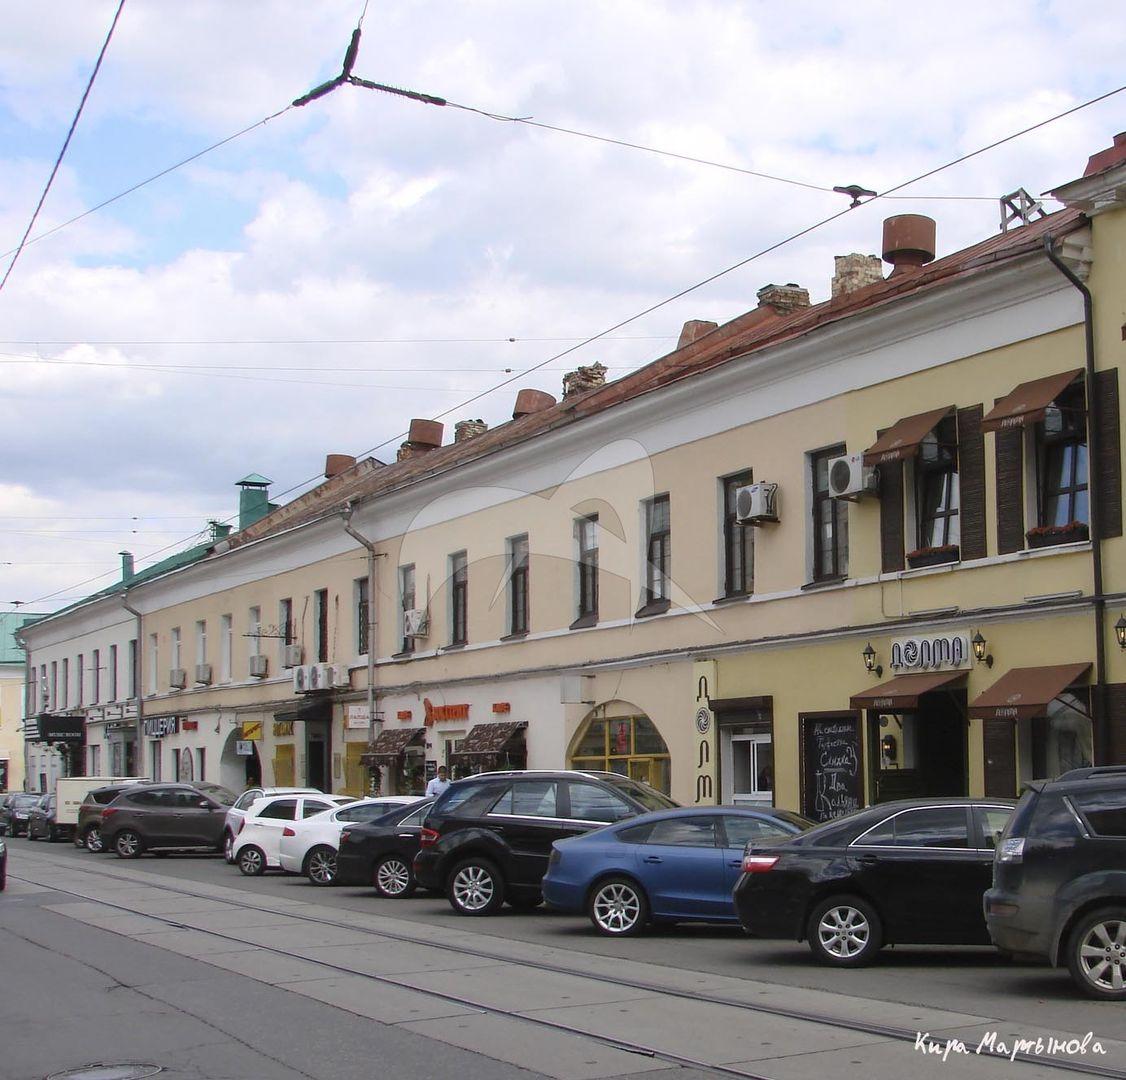 Гостиница у Покровских ворот, начало XIX в., арх. В.П. Стасов